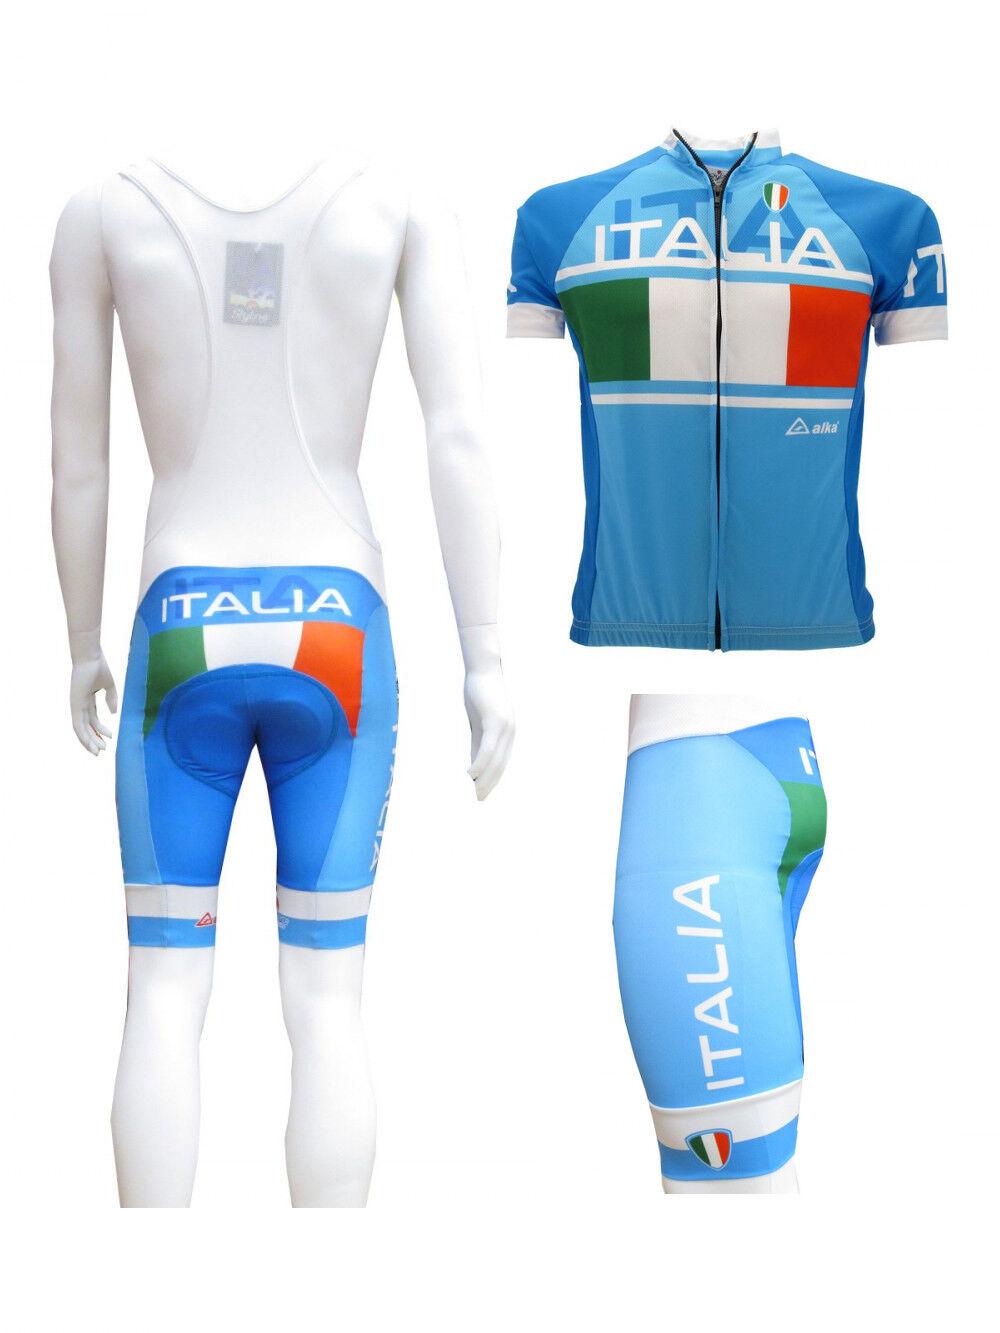 Calzoni Maglia Ciclismo Italia Divisa bicicletta Azzurra Salopette abbigliamento bicicletta Divisa 6c1ed2